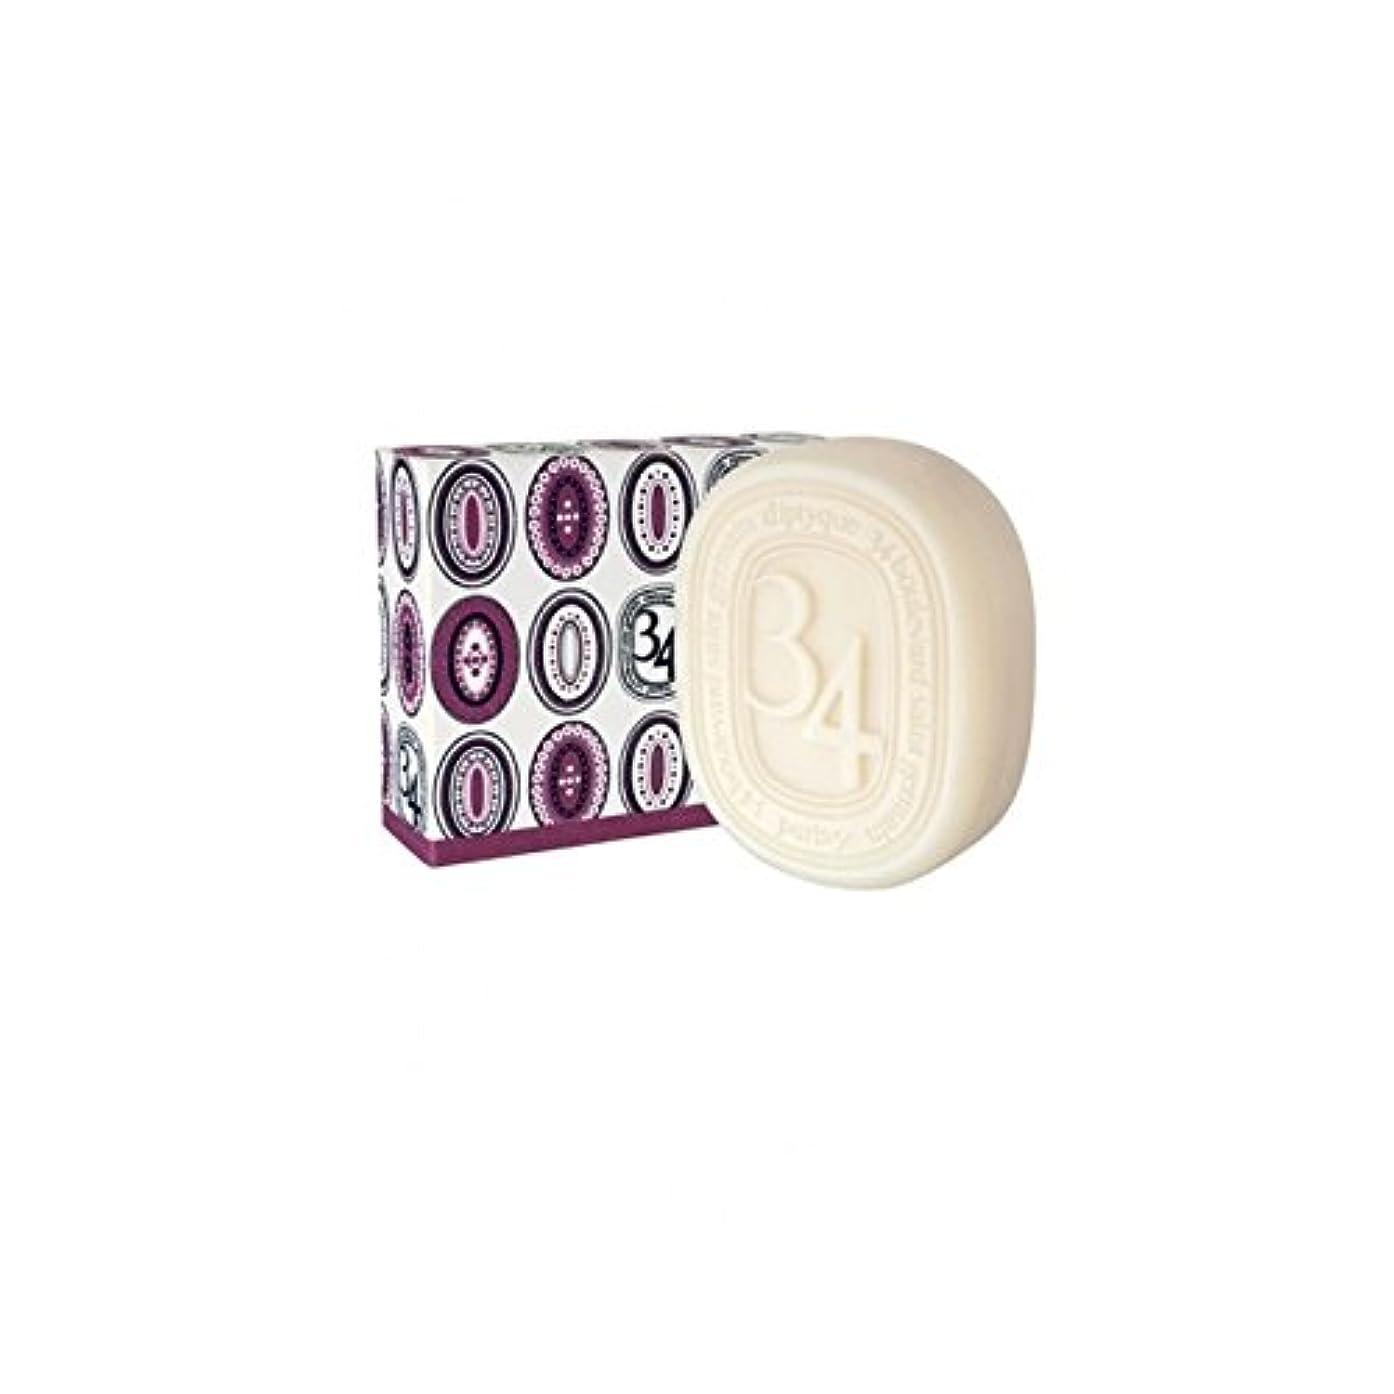 盗難バンジョーふさわしいDiptyque Collection 34 Boulevard Saint Germain Soap 100g (Pack of 6) - Diptyqueコレクション34大通りサンジェルマン石鹸100グラム (x6)...